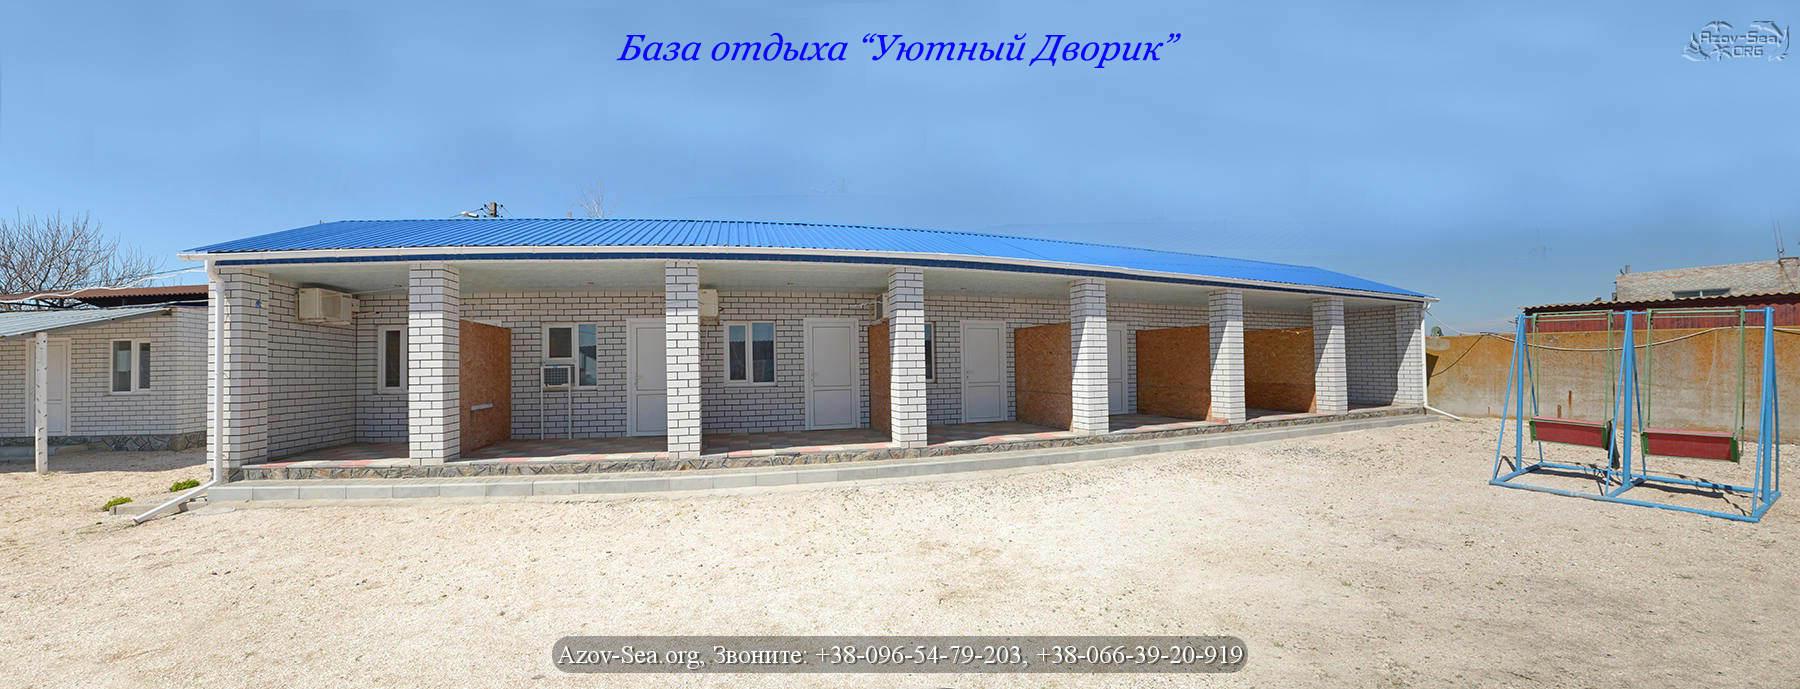 База отдыха Уютный Дворик. Степановка Первая. Азовское море.